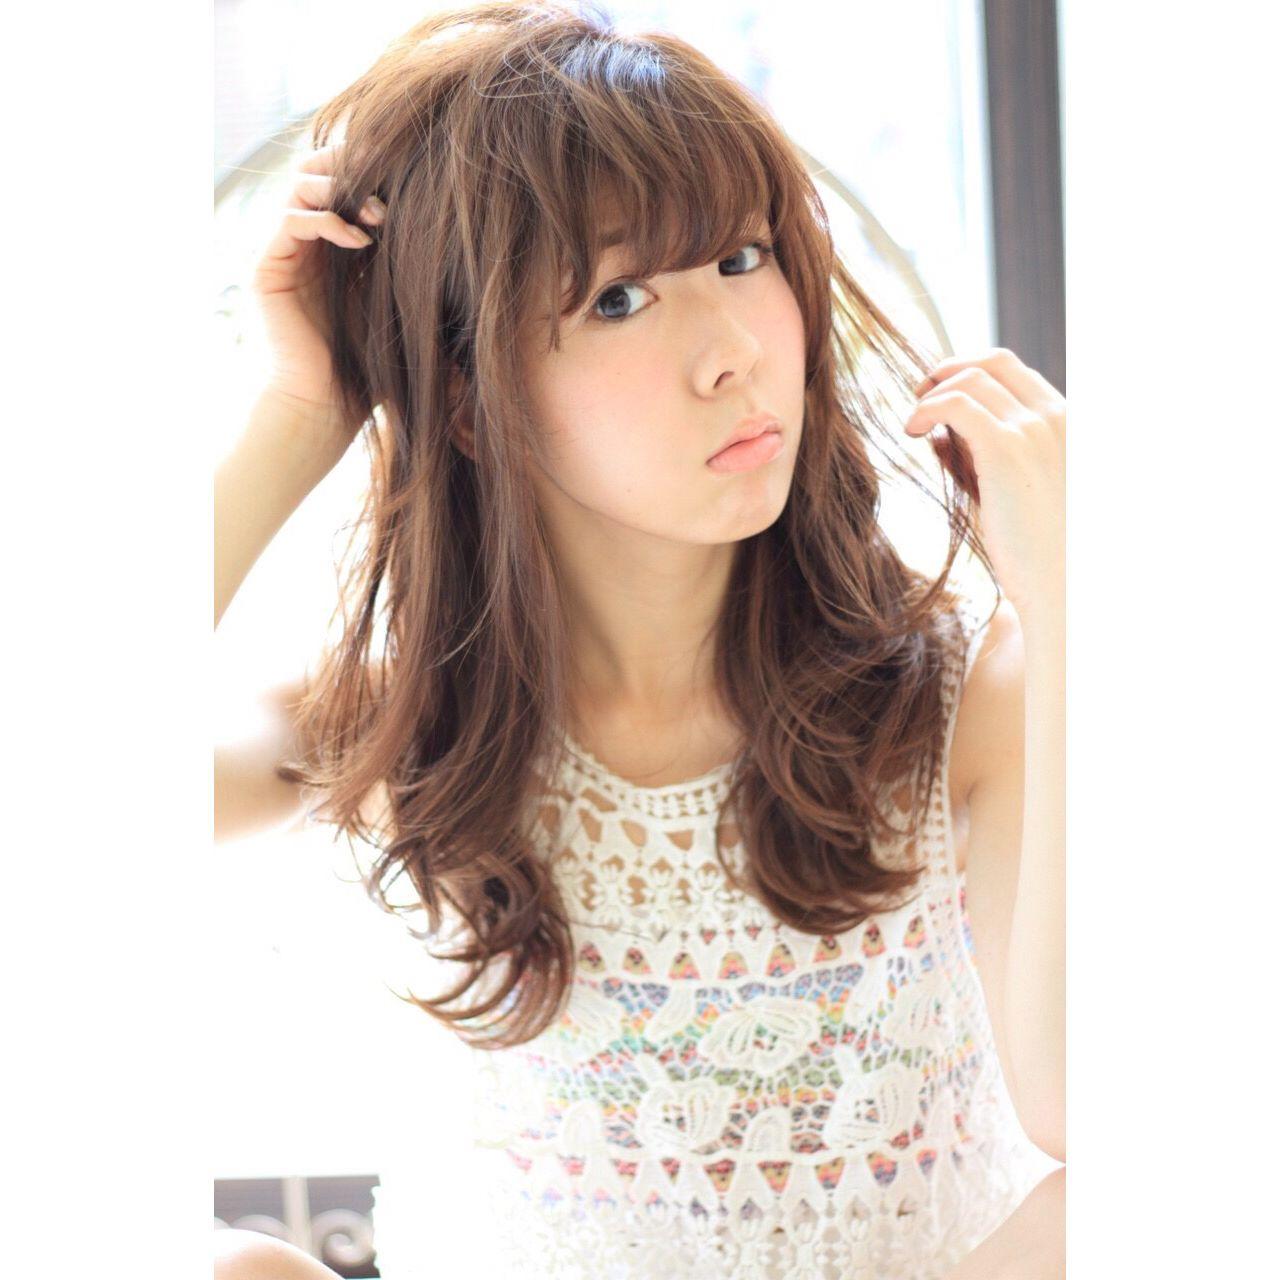 ナチュラル モテ髪 フェミニン ロング ヘアスタイルや髪型の写真・画像 | 久保田 成美 /